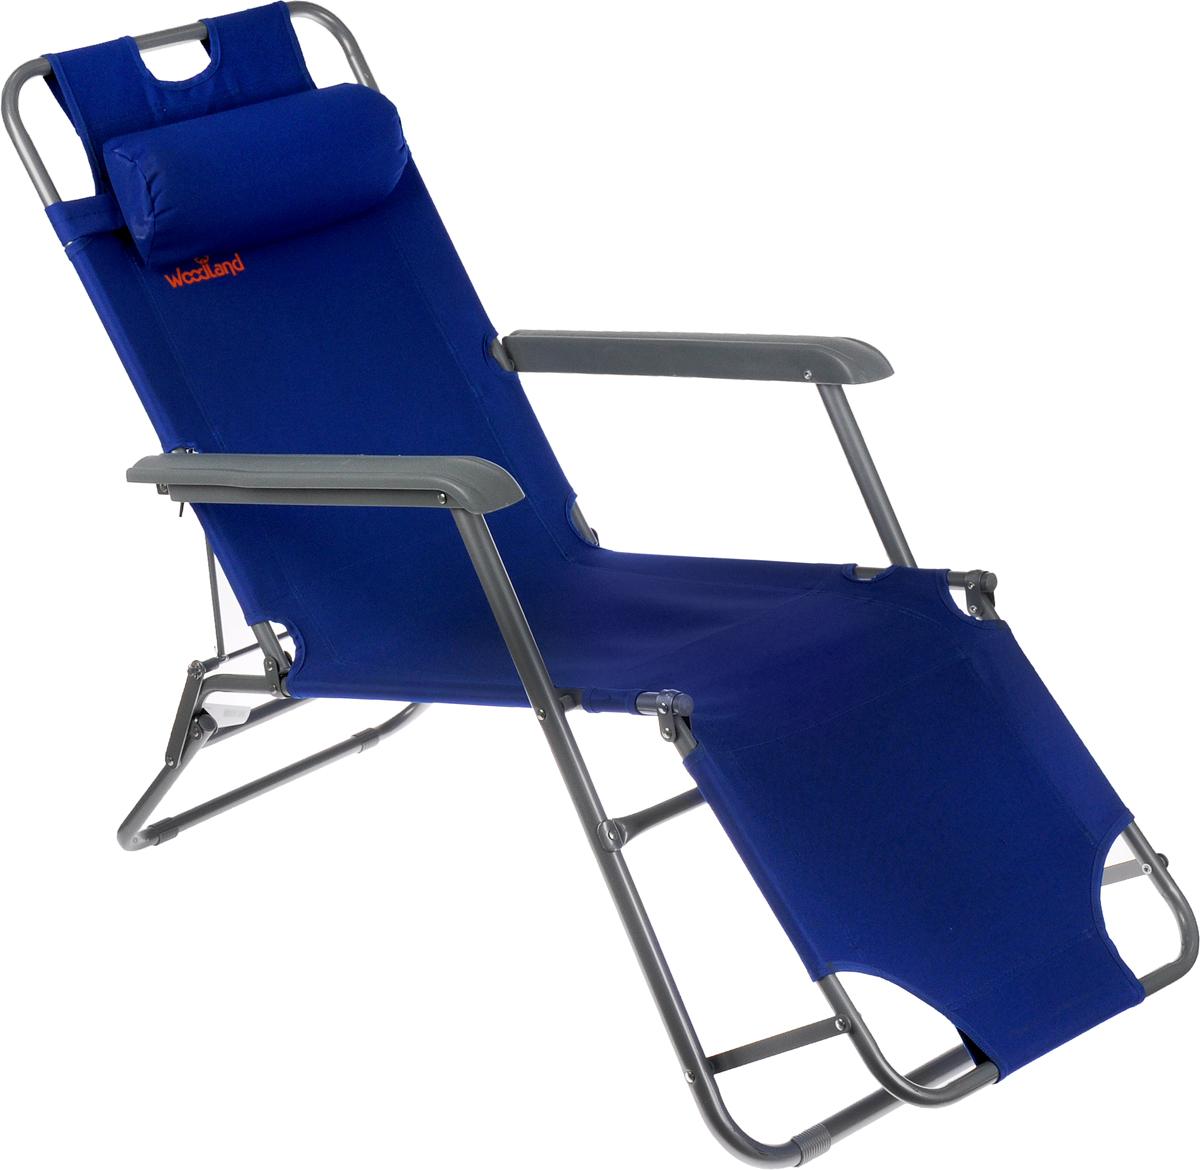 Кресло складное Woodland Lounger Oxford, цвет: синий, серый, 153 см х 60 см х 79 см09840-20.000.00Складное кресло Woodland Lounger Oxford предназначено для создания комфортных условий в туристических походах, рыбалке и кемпинге.Особенности:Компактная складная конструкция.Прочный стальной каркас с покрытием, диаметр 19/25 мм.Прочная ткань Oxford обладает высокой износостойкостью.